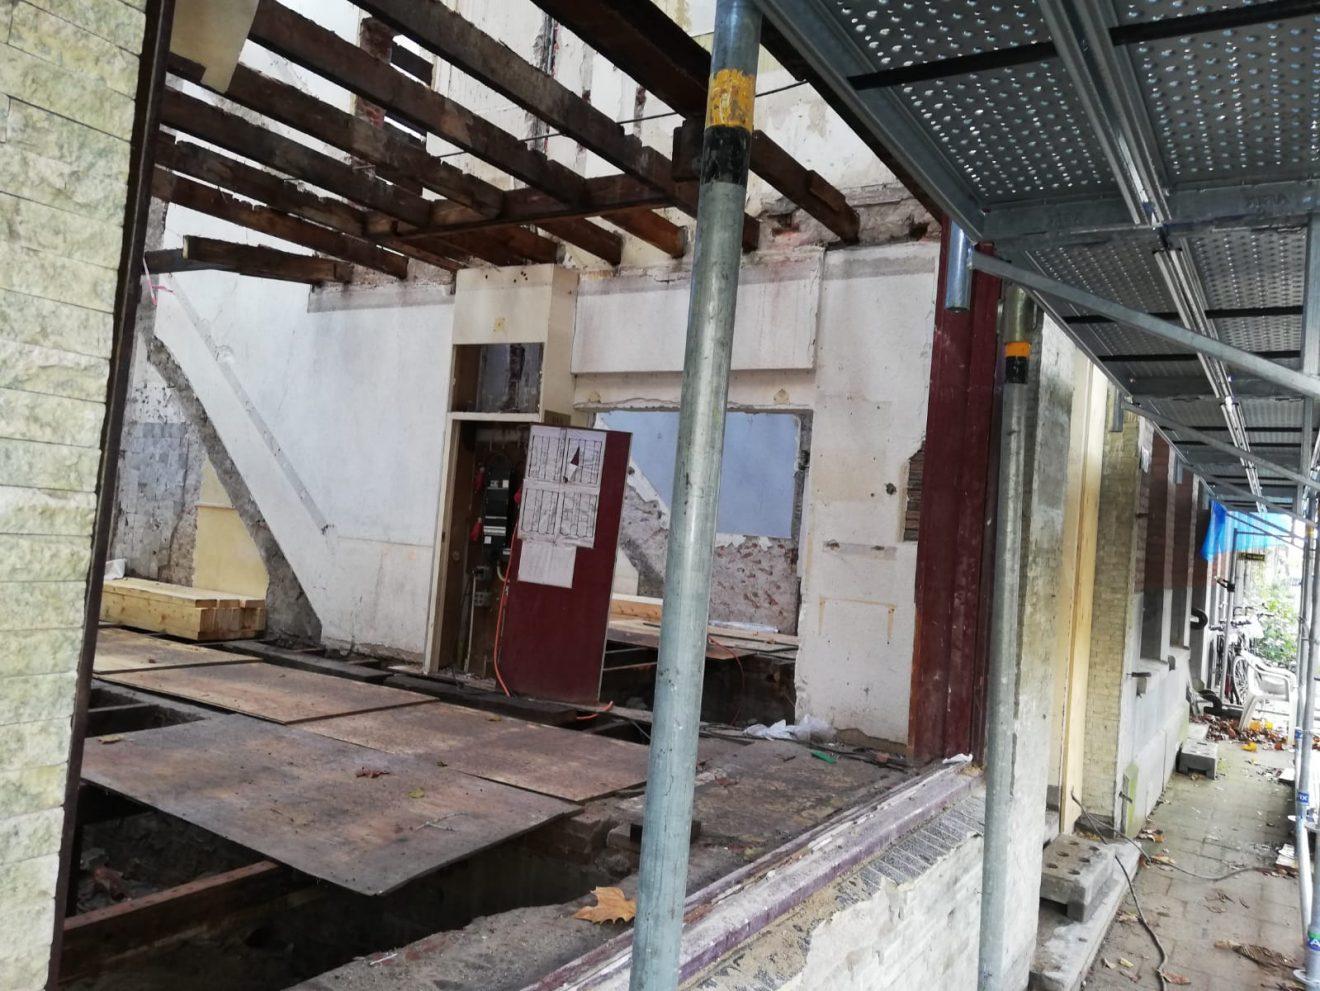 Verslag Hoorzitting verbouwing Hotel Graaf Floris